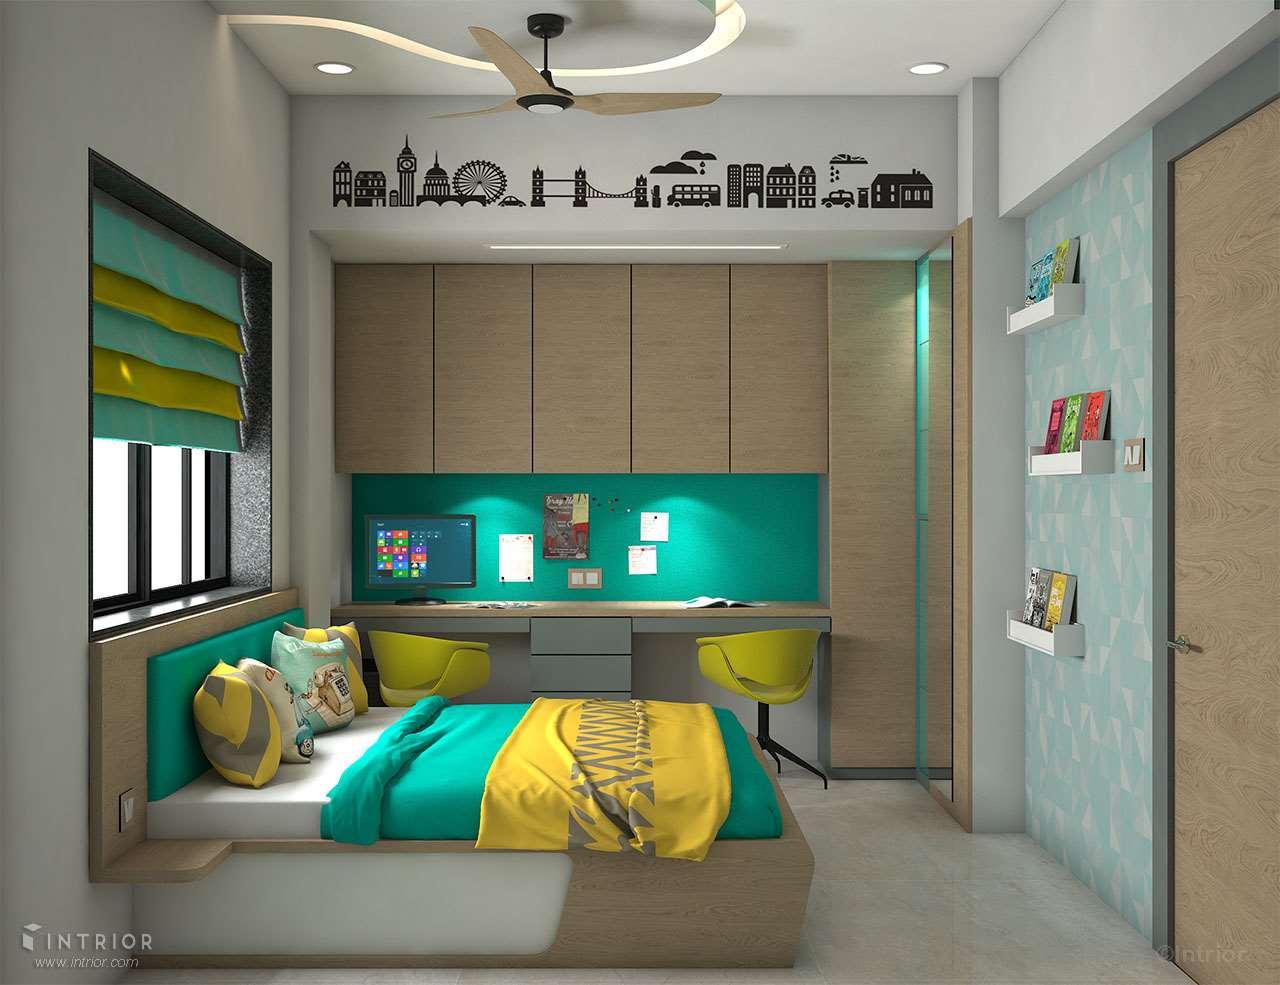 Children Bedroom - Bed & Study Table